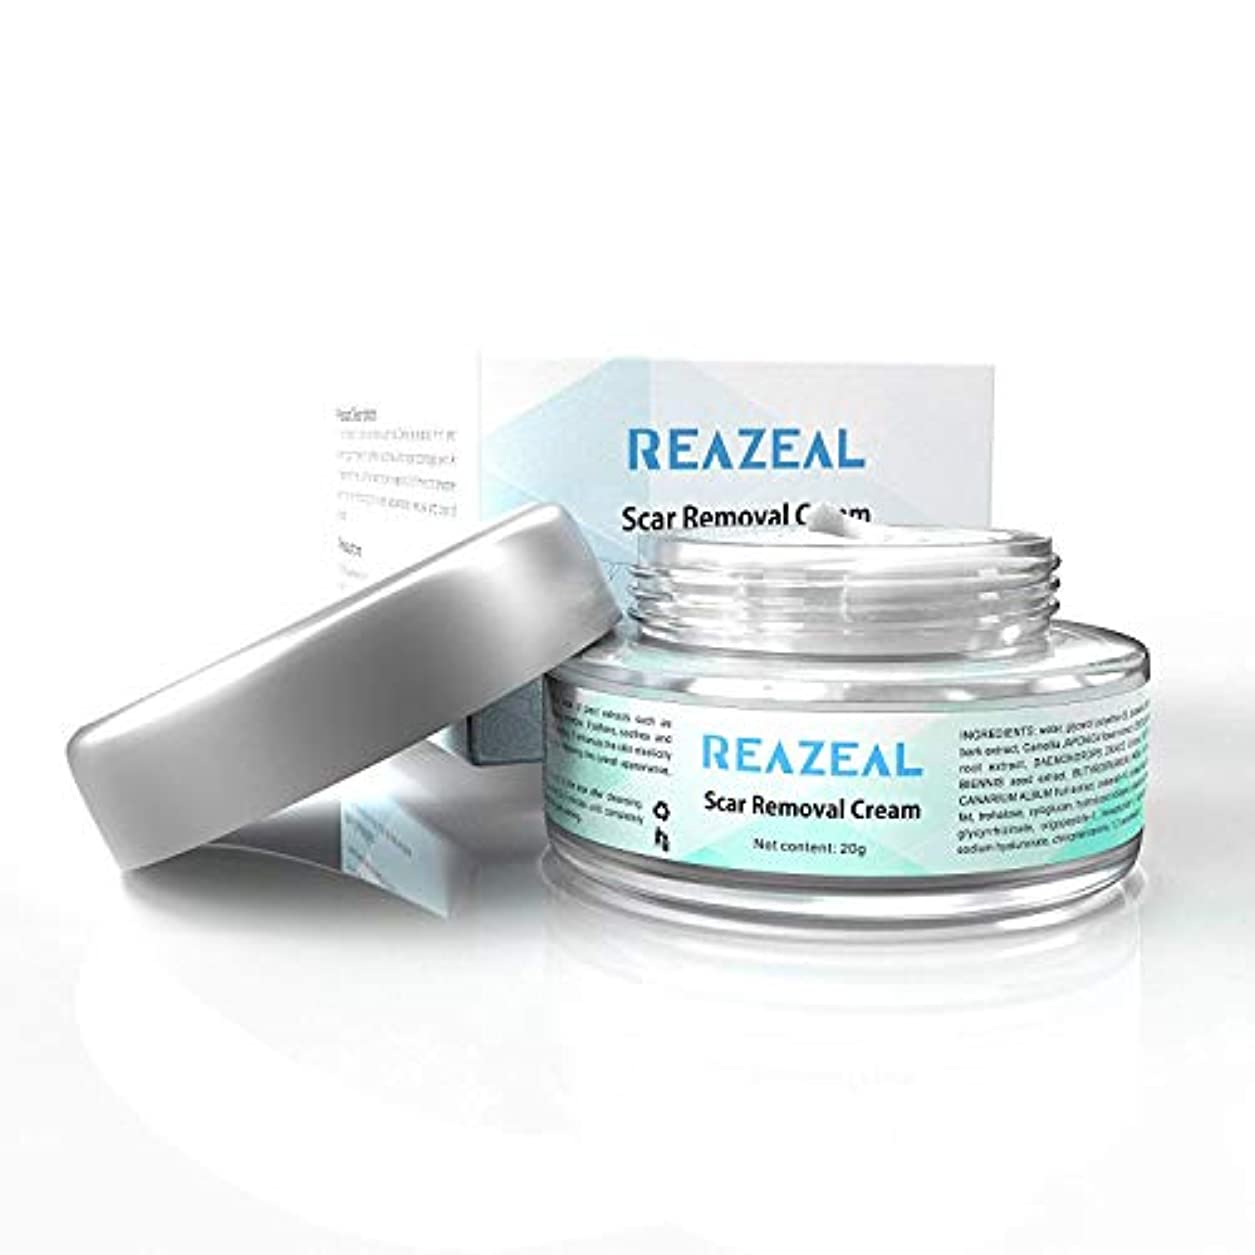 混合したマネージャービーズScar Cream Acne Scar Removal Cream for Old & New Scars on Face & Body Scar Treatment for Cuts Natural Herbal Extracts Formula Burns Repair,Face Skin Repair Cream 【並行輸入品】